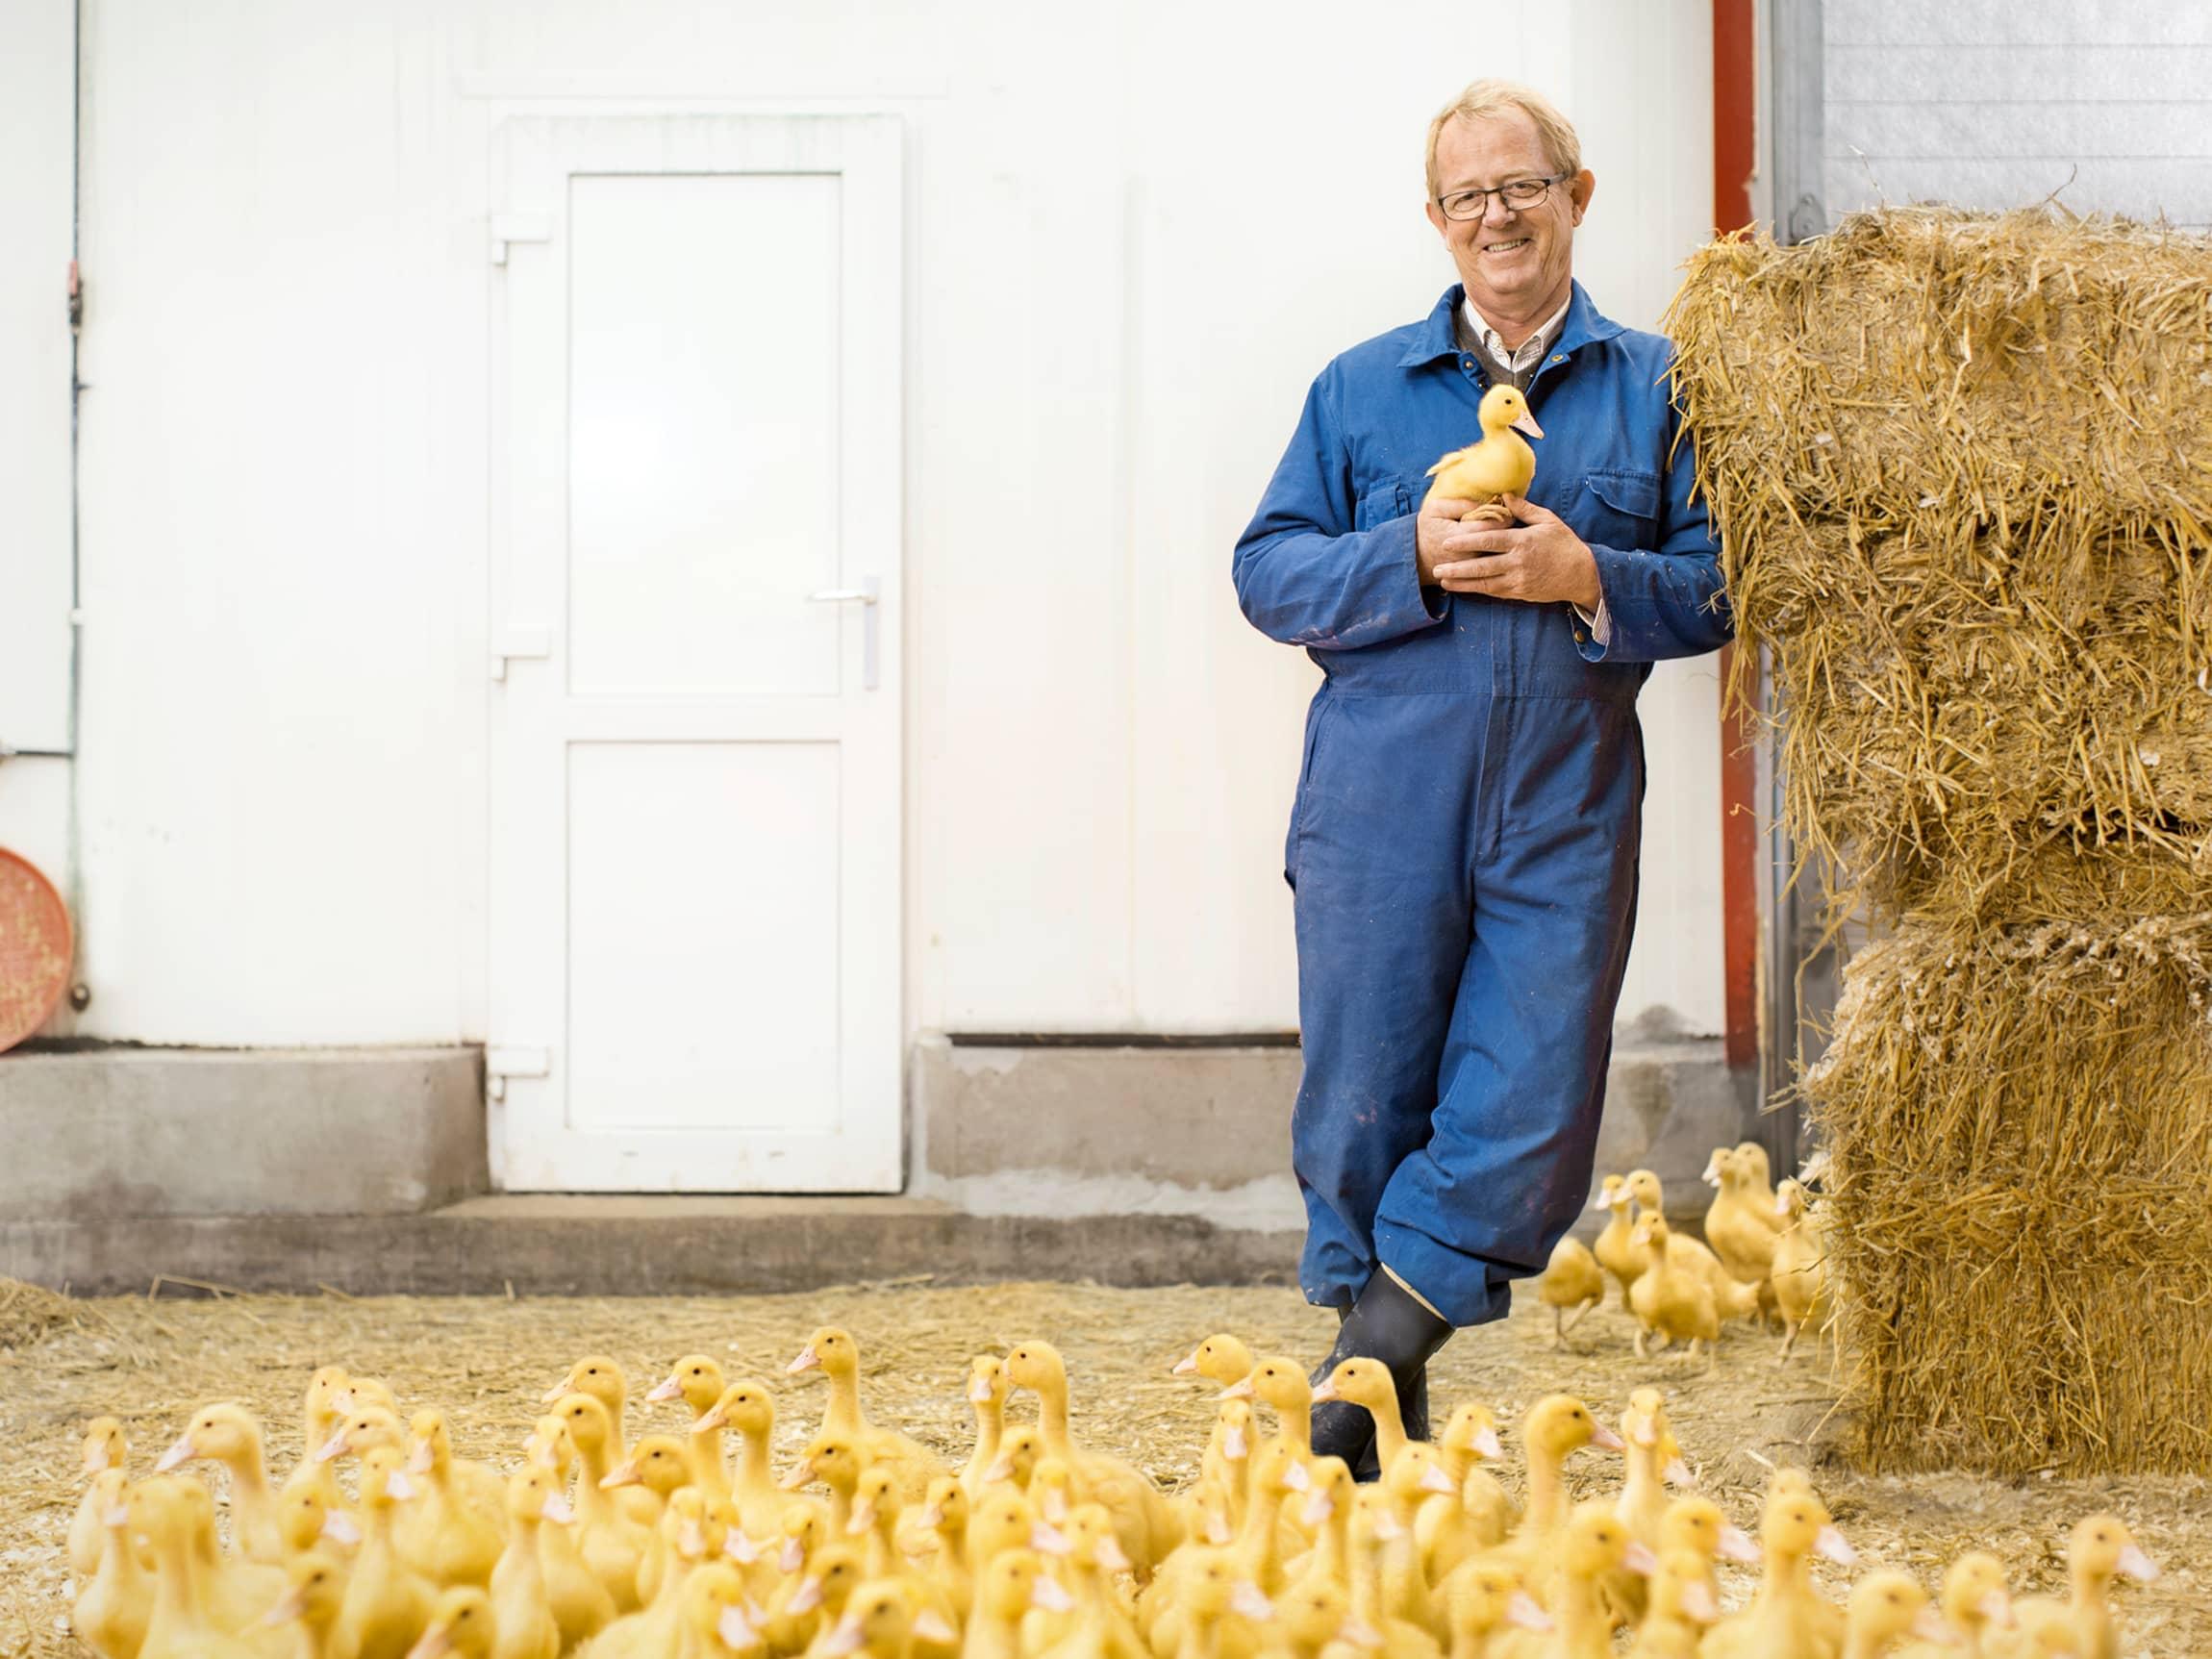 Aadne Søyland - her i andehuset på Lerstang gård, setter dyrevelferd høyt, og synes det er godt å oppleve at stadig flere folk i og utenfor landbruket har de samme verdiene.